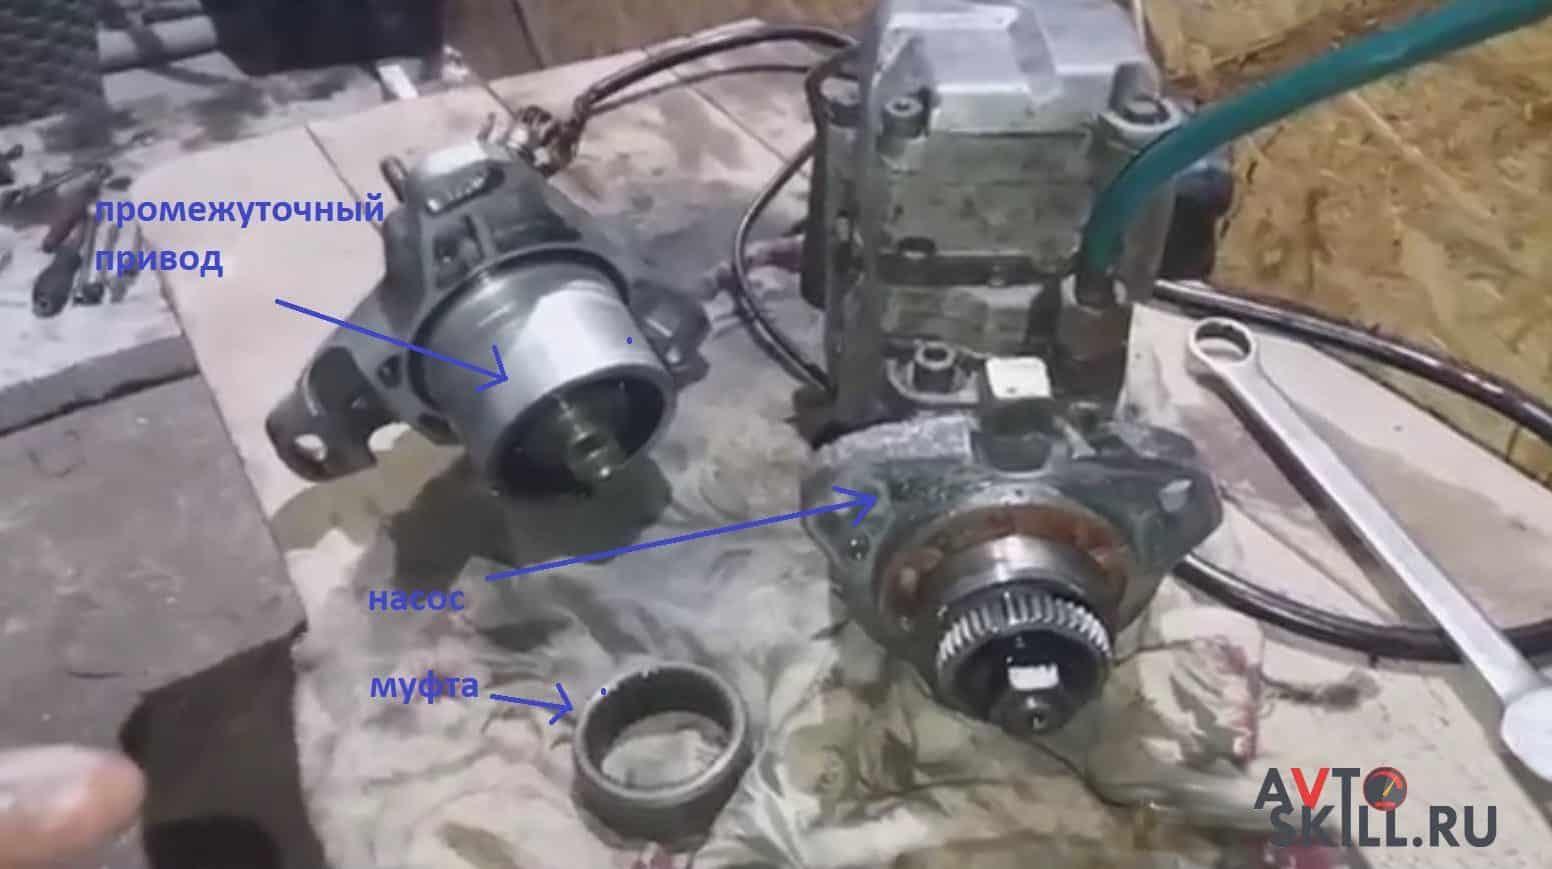 Как установить ТНВД на дизель | Установка ТНВД на двигатель, устройство топливного насоса высокого давления